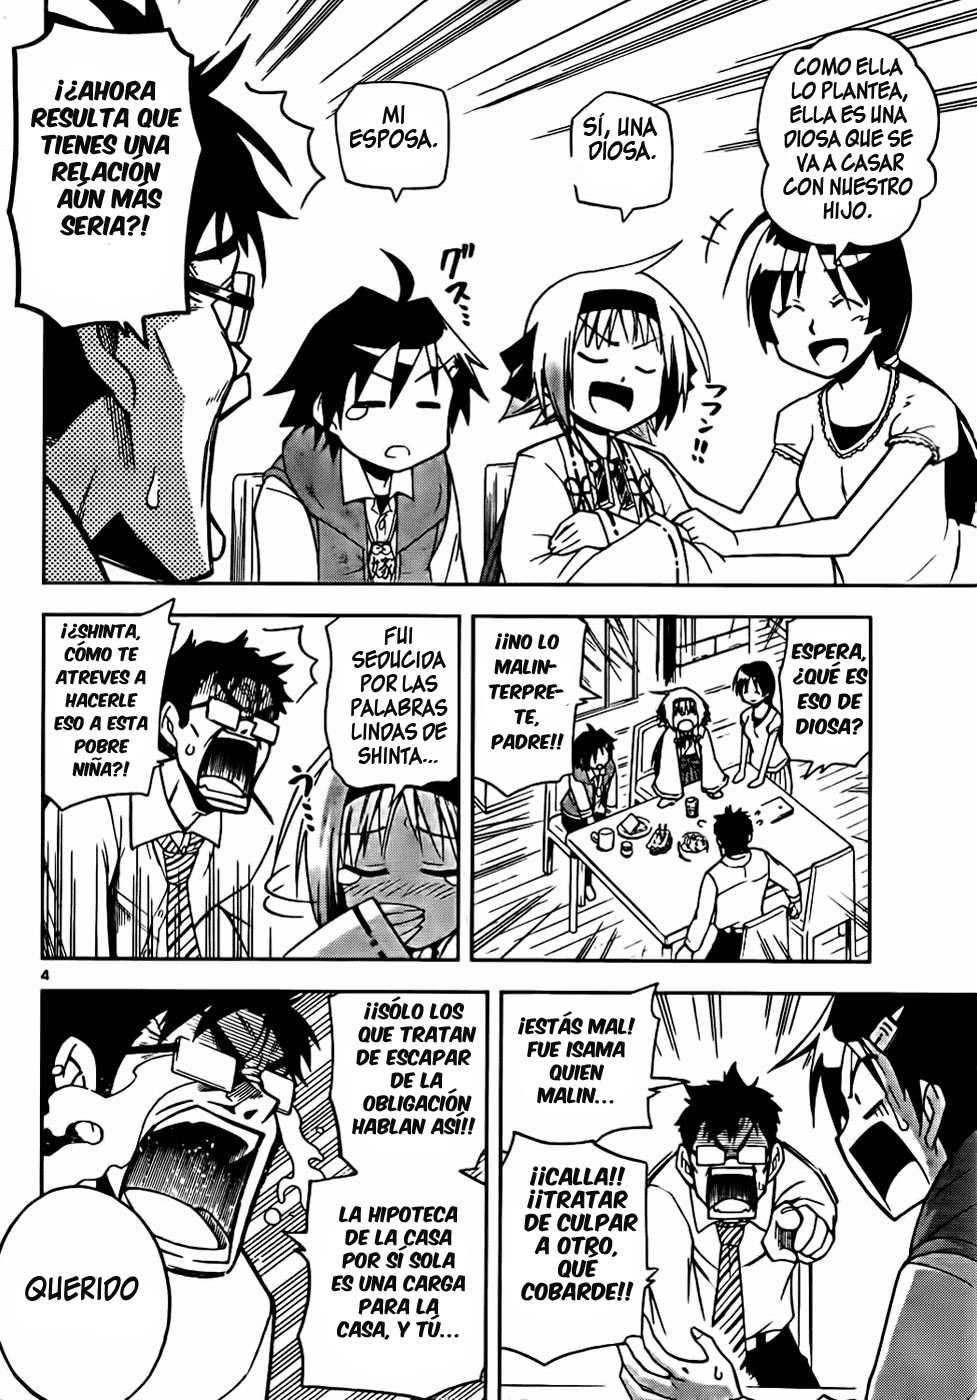 http://c5.ninemanga.com/es_manga/19/14419/356689/4ba5abbfb65f4a02375ce1b8e86587f4.jpg Page 5